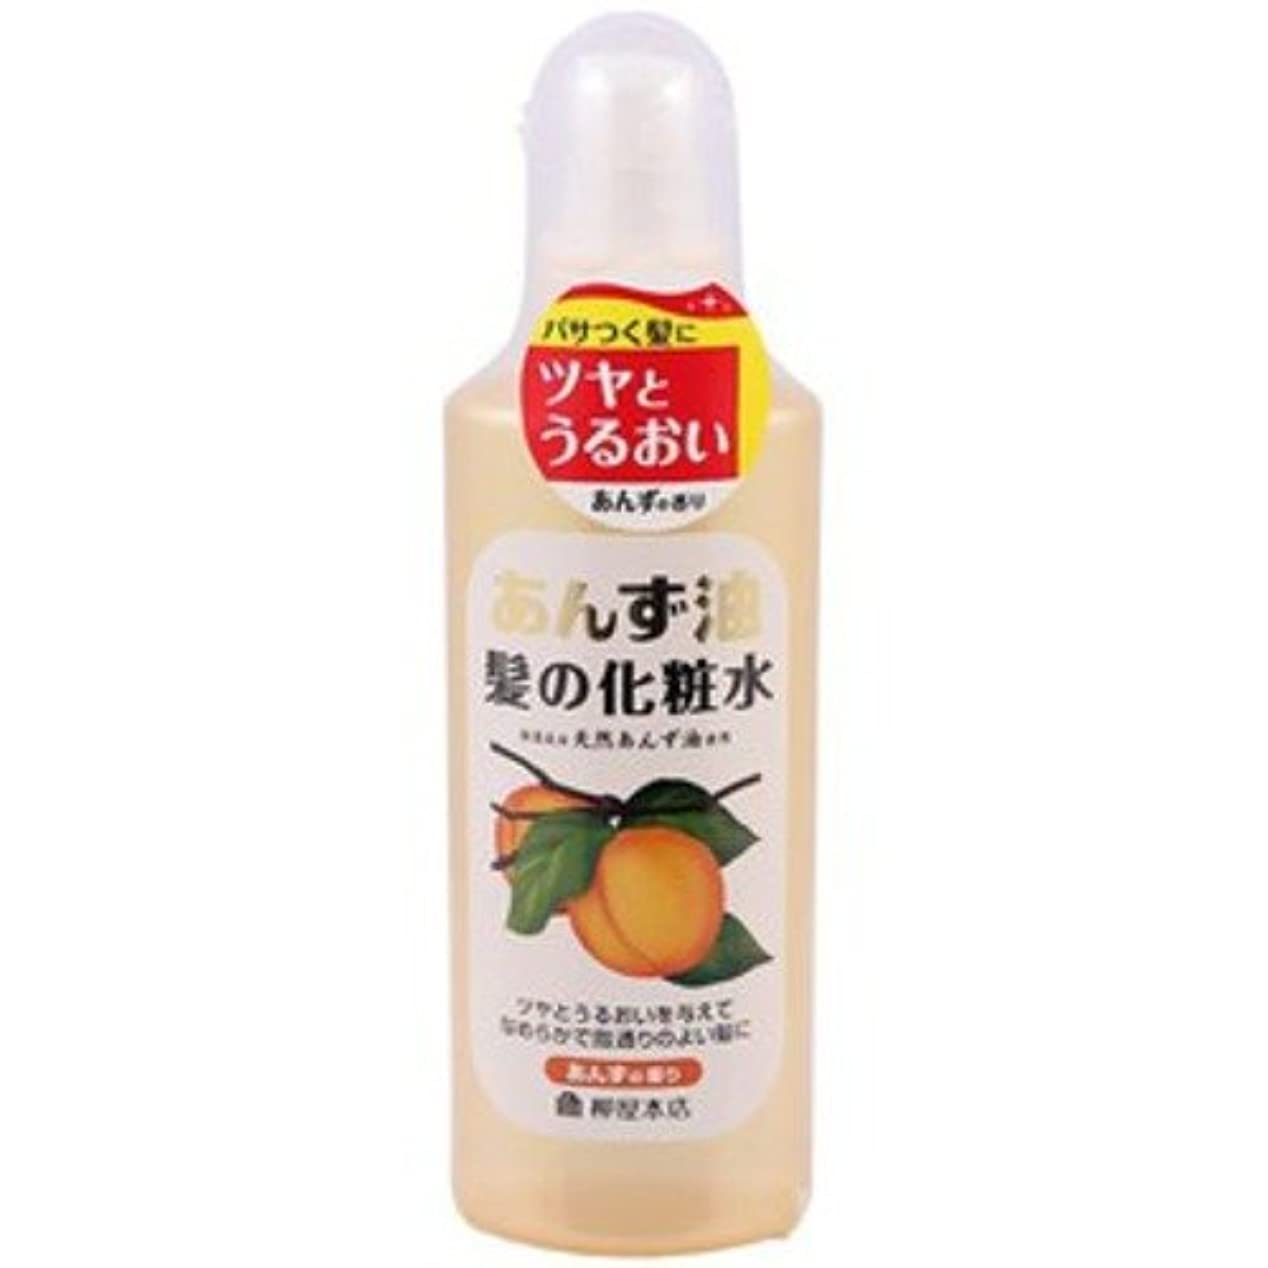 コーナー割り込みスクレーパー柳屋 あんず油 髪の化粧水 170ml